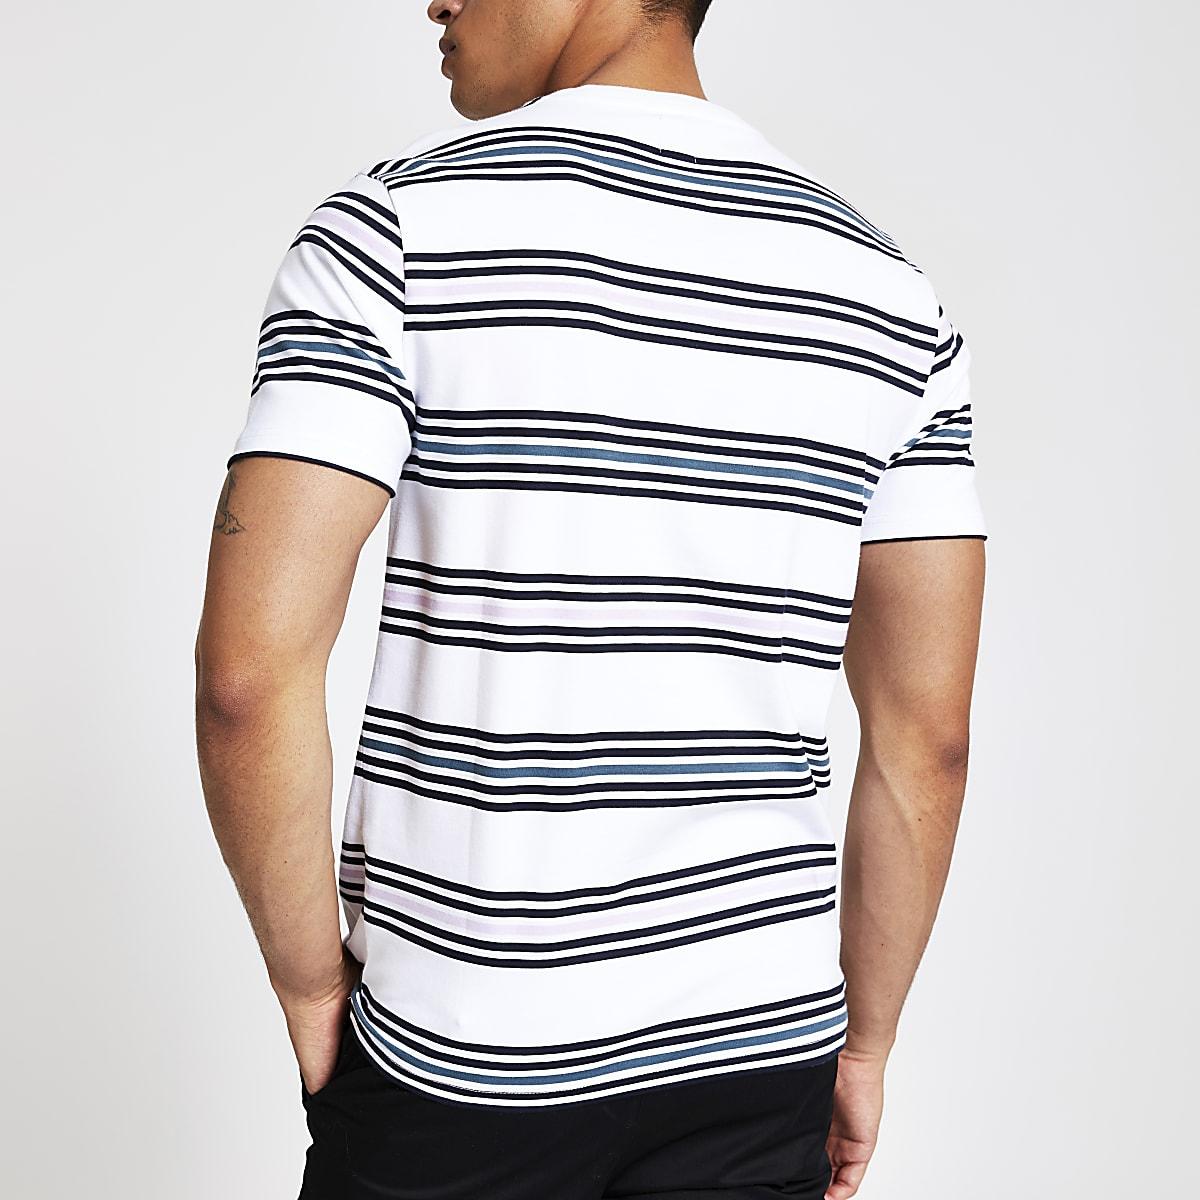 680aaba69b31e7 White stripe Maison Riviera slim fit T-shirt - T-shirts - T-shirts ...